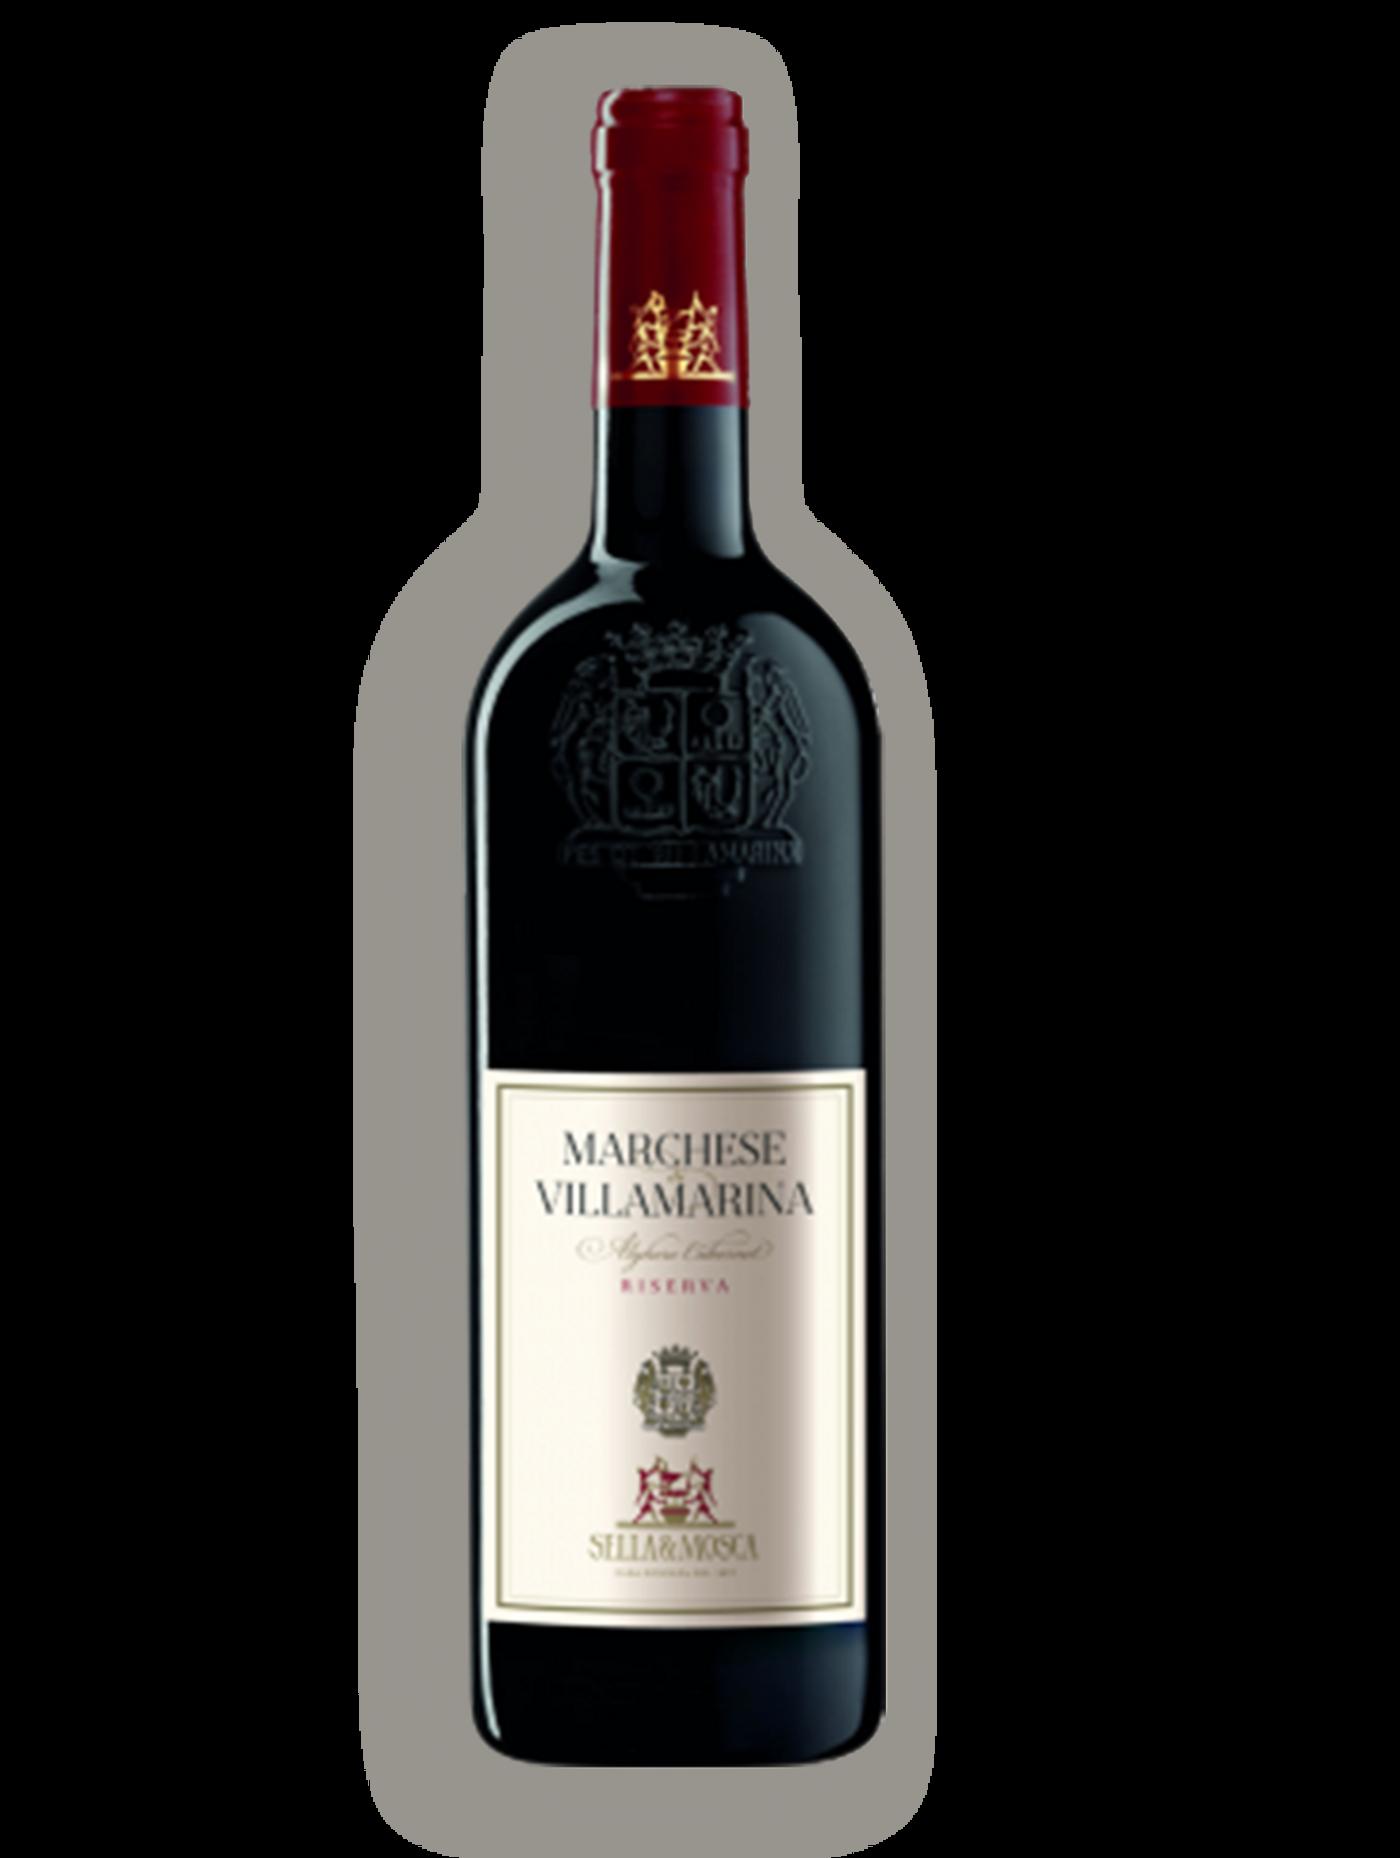 Alghero cabernet riserva D.O.C. marchese di villamarina